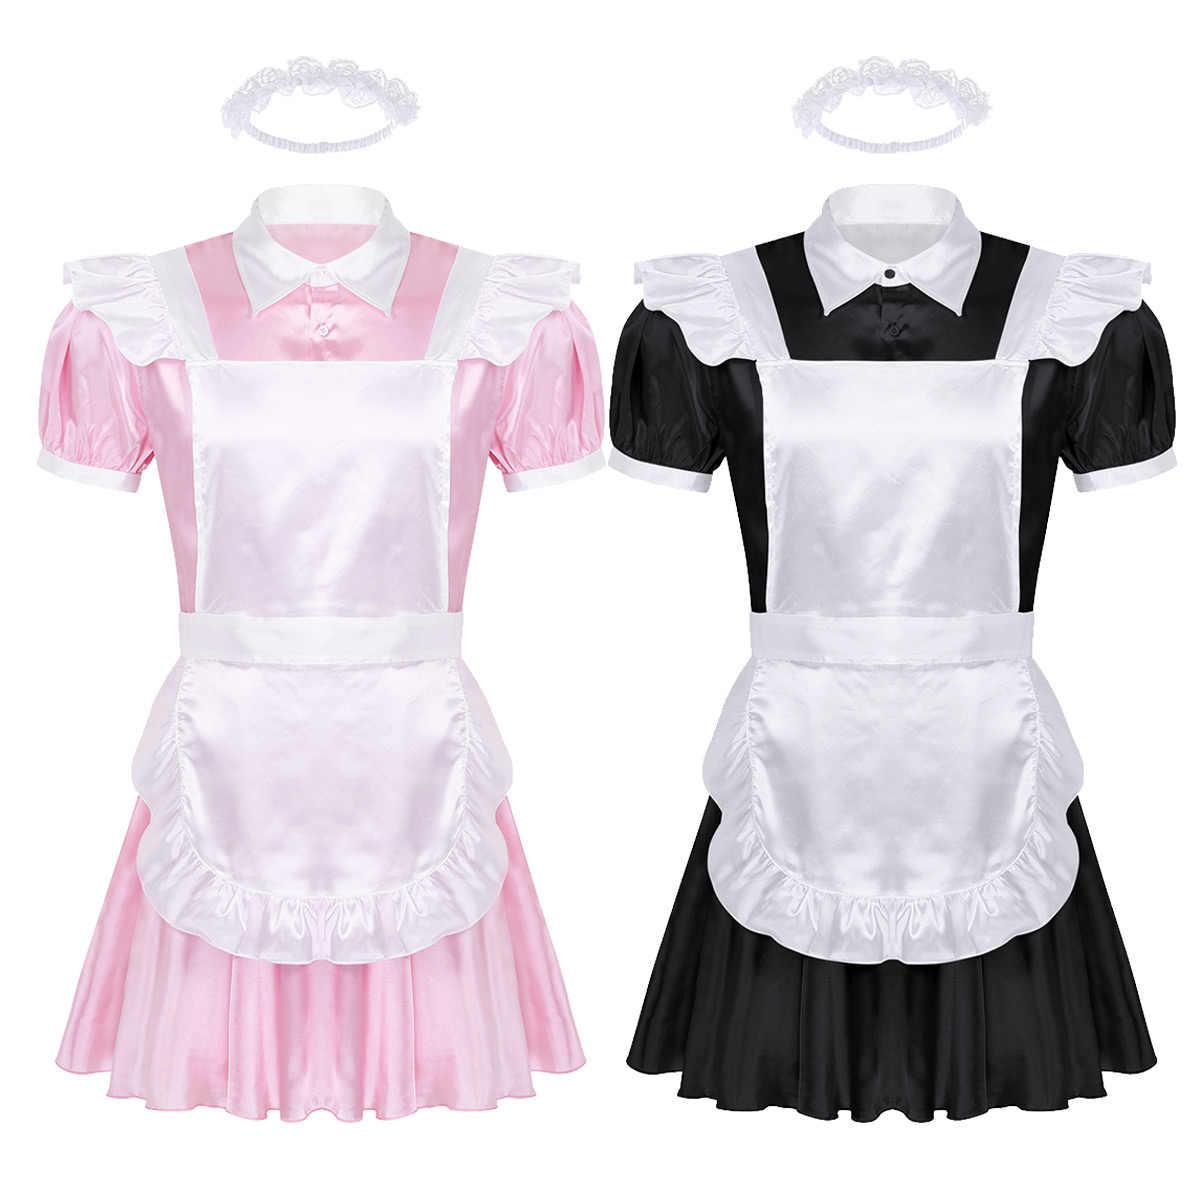 Nam Ẻo Lả Người Hầu Gái Đầm Đen Trang Phục Hóa Trang Crossdressing Cổ Bẻ Tay Phồng Trước Nút Xuống Đầm Và Tạp Dề dây Đeo Đầu